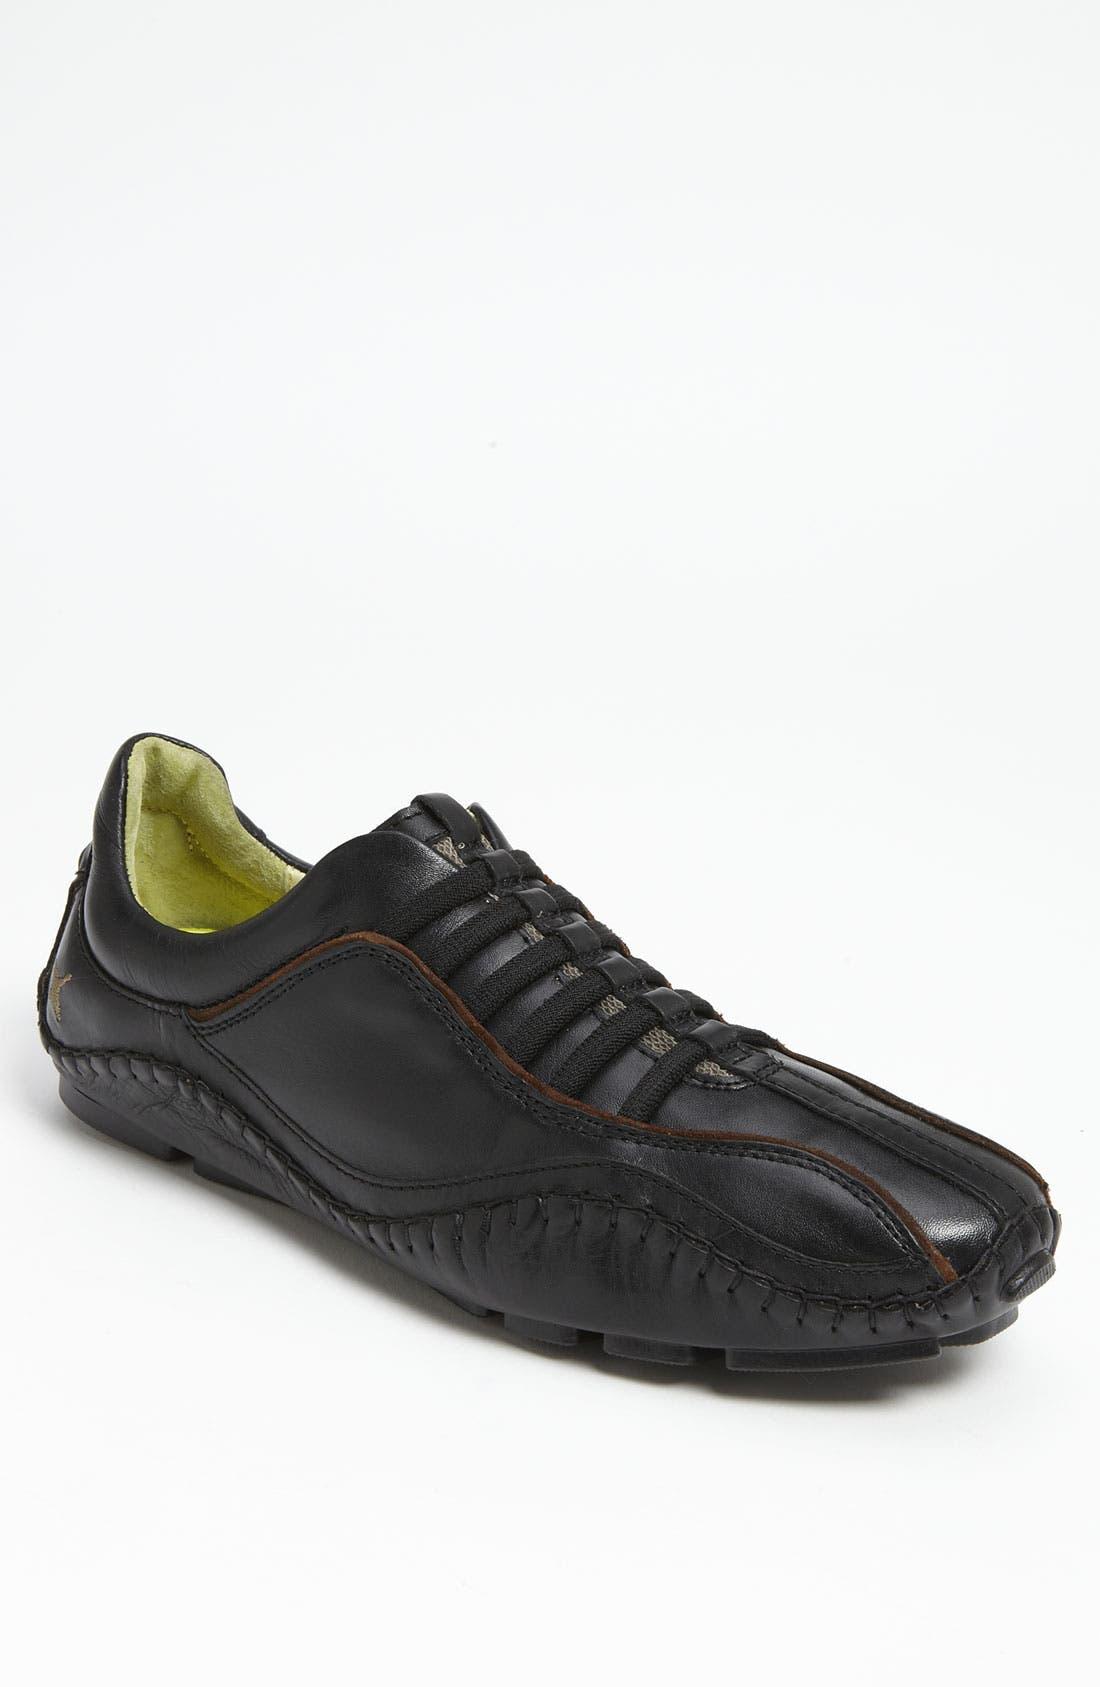 Main Image - PIKOLINOS 'Fuencarral' Driving Shoe